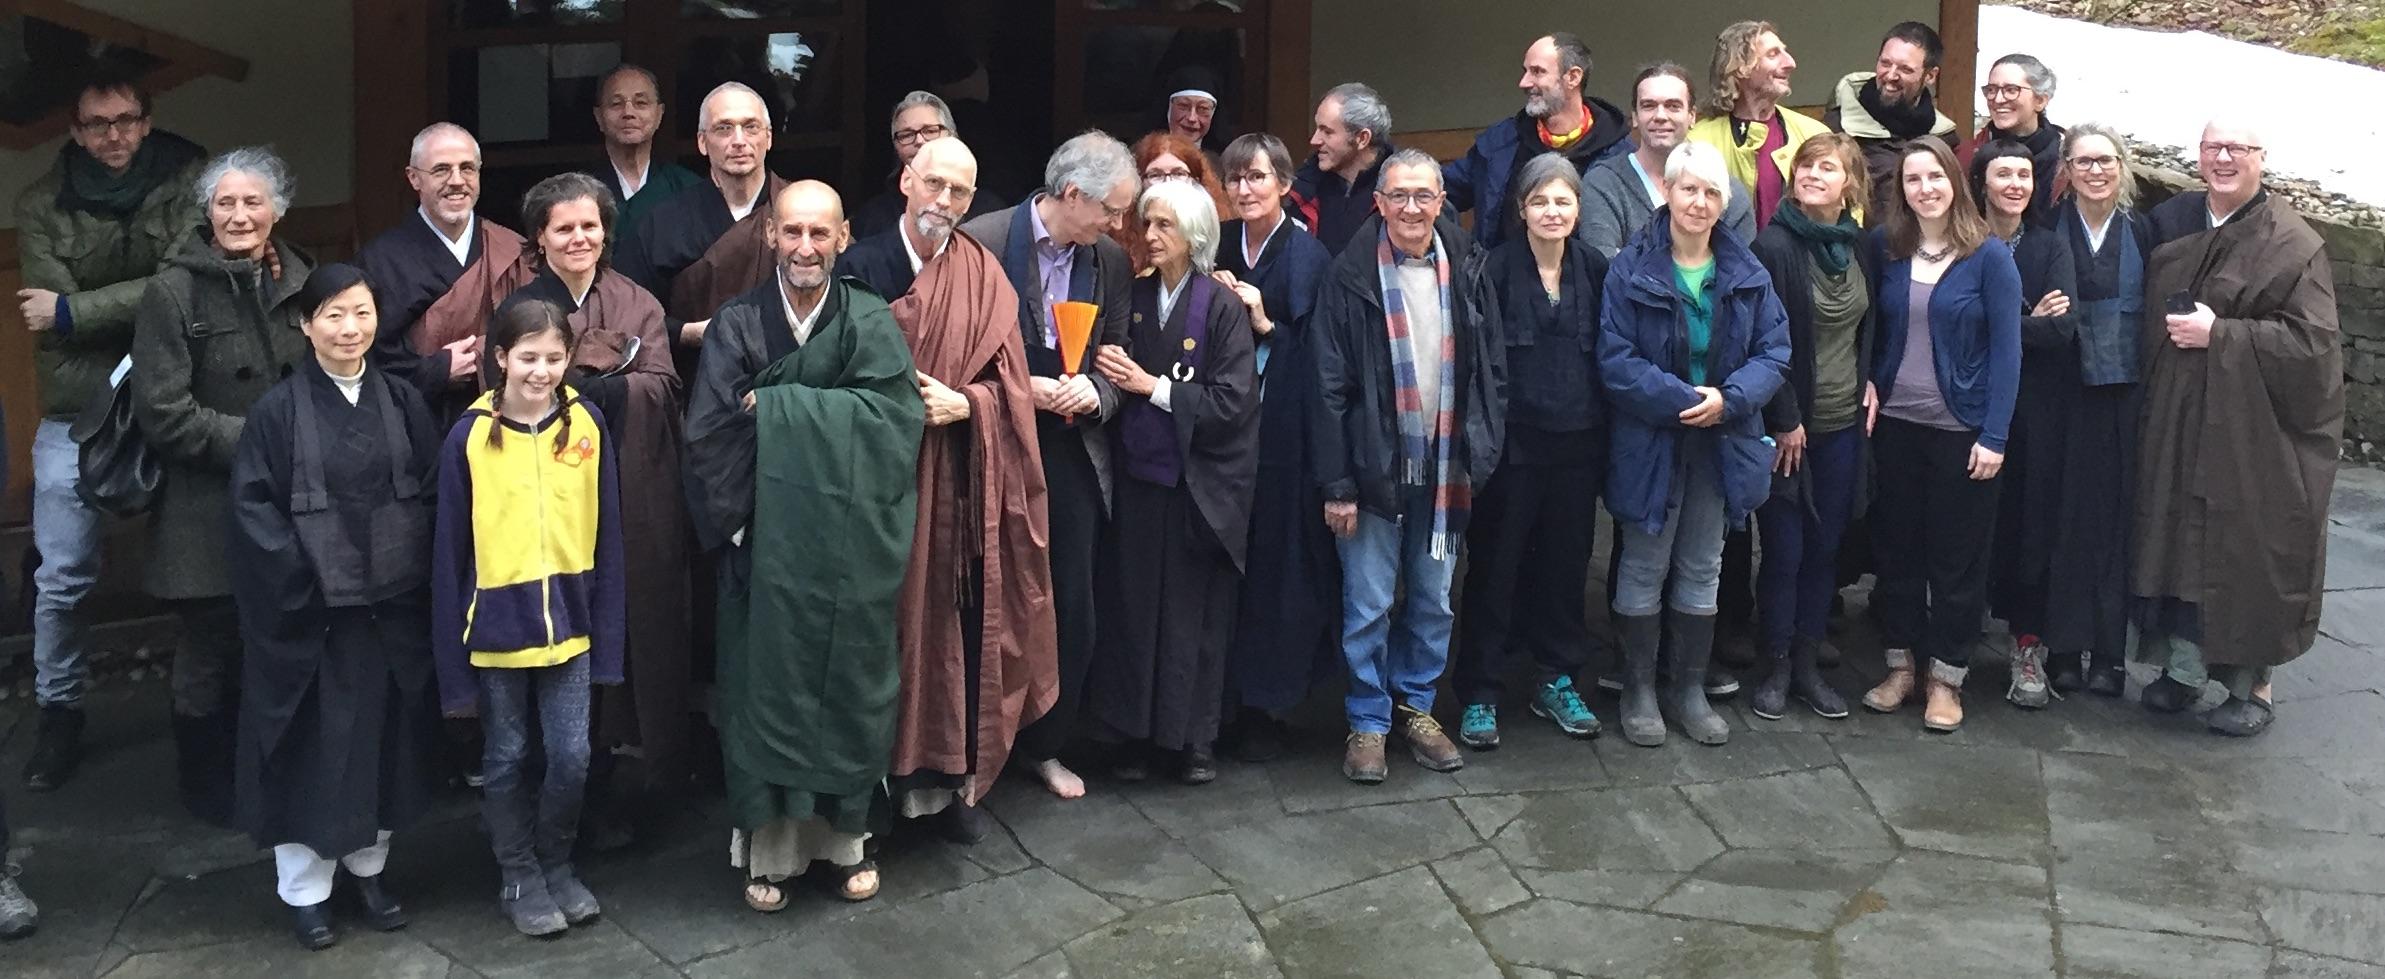 Gruppenfoto vom Abschluss der Praxisperiode 2018